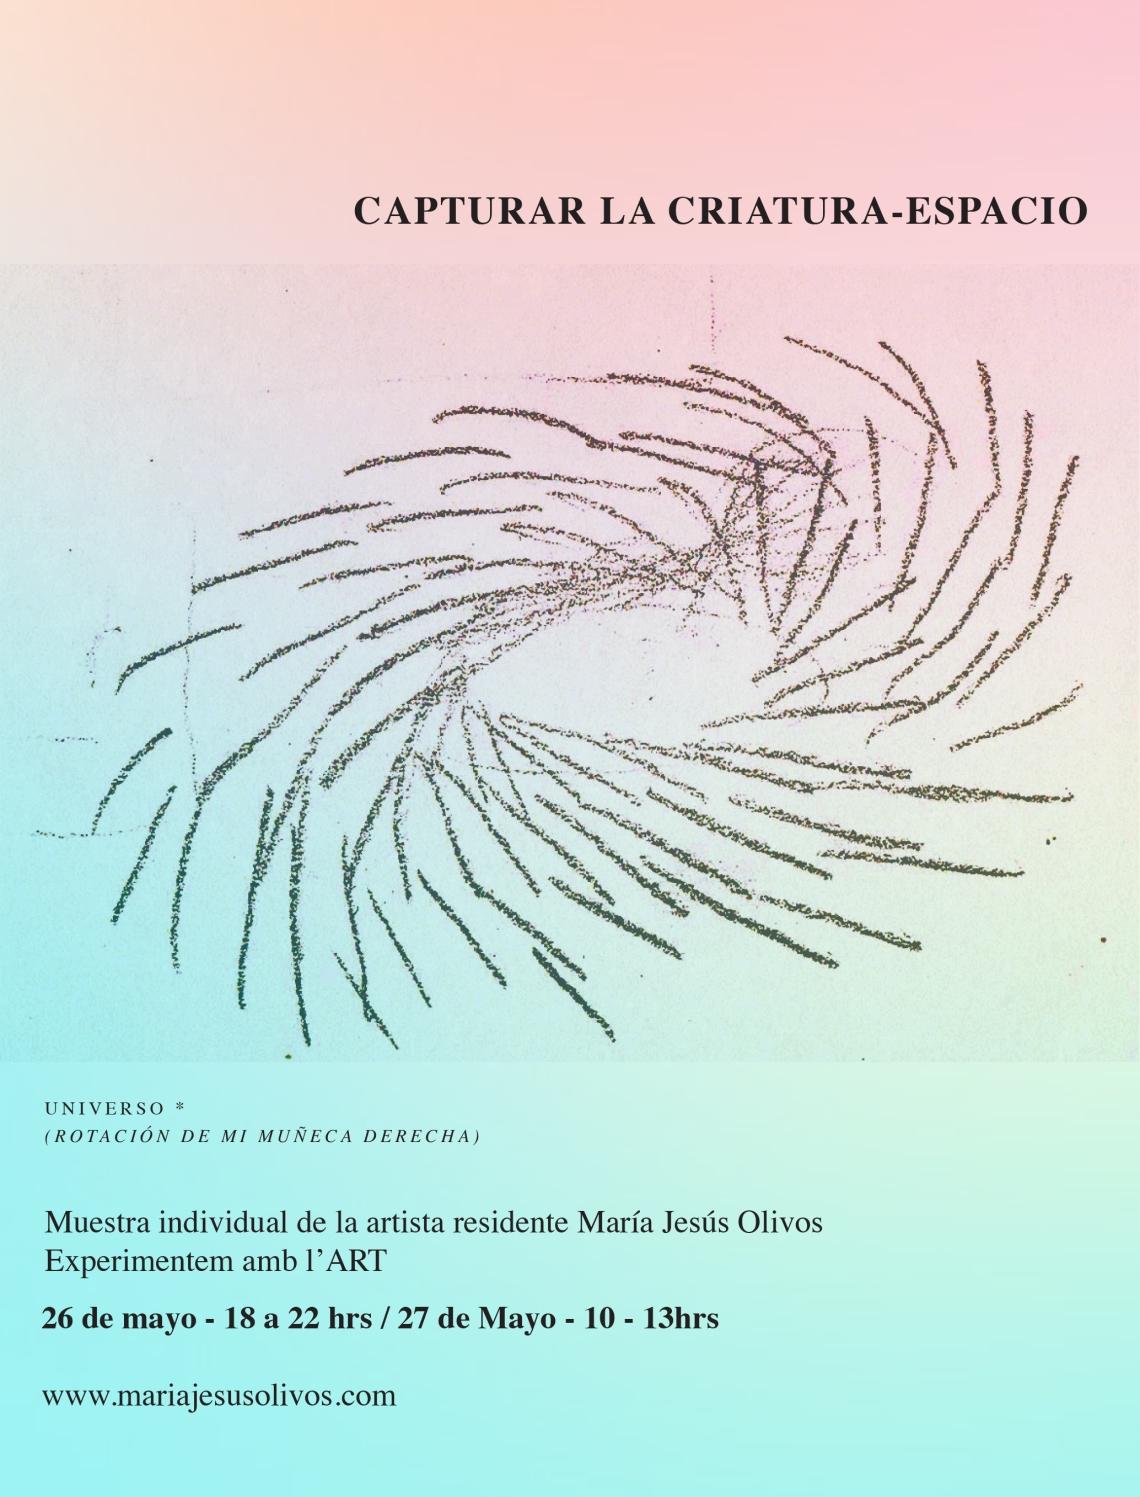 creatura-espacio2